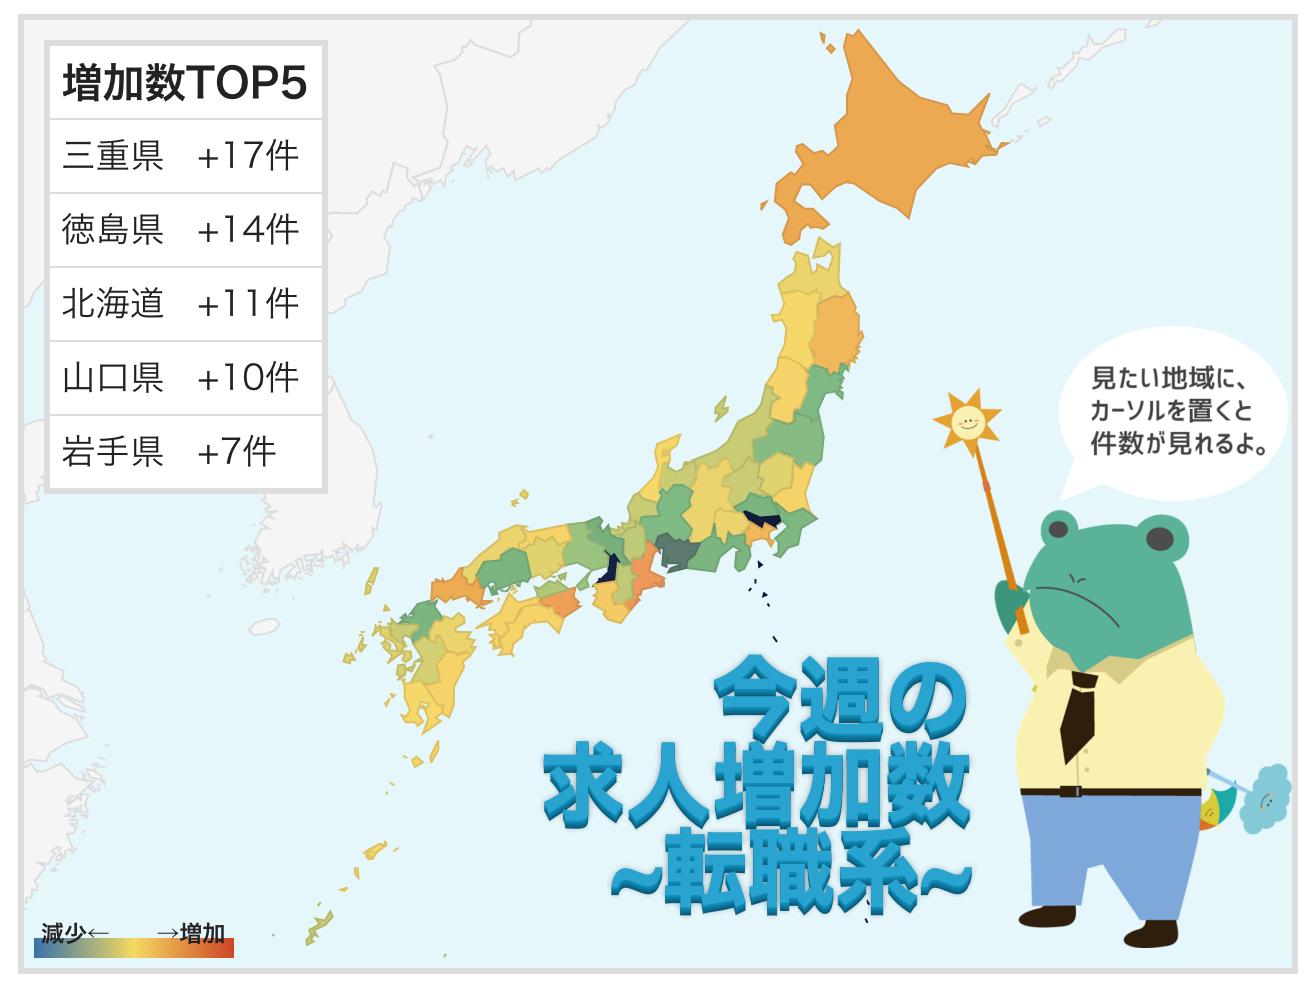 今週最も求人が増えたのは三重(+17件)、減ったのは東京(ー281件) - 都道府県別求人掲載件数 -